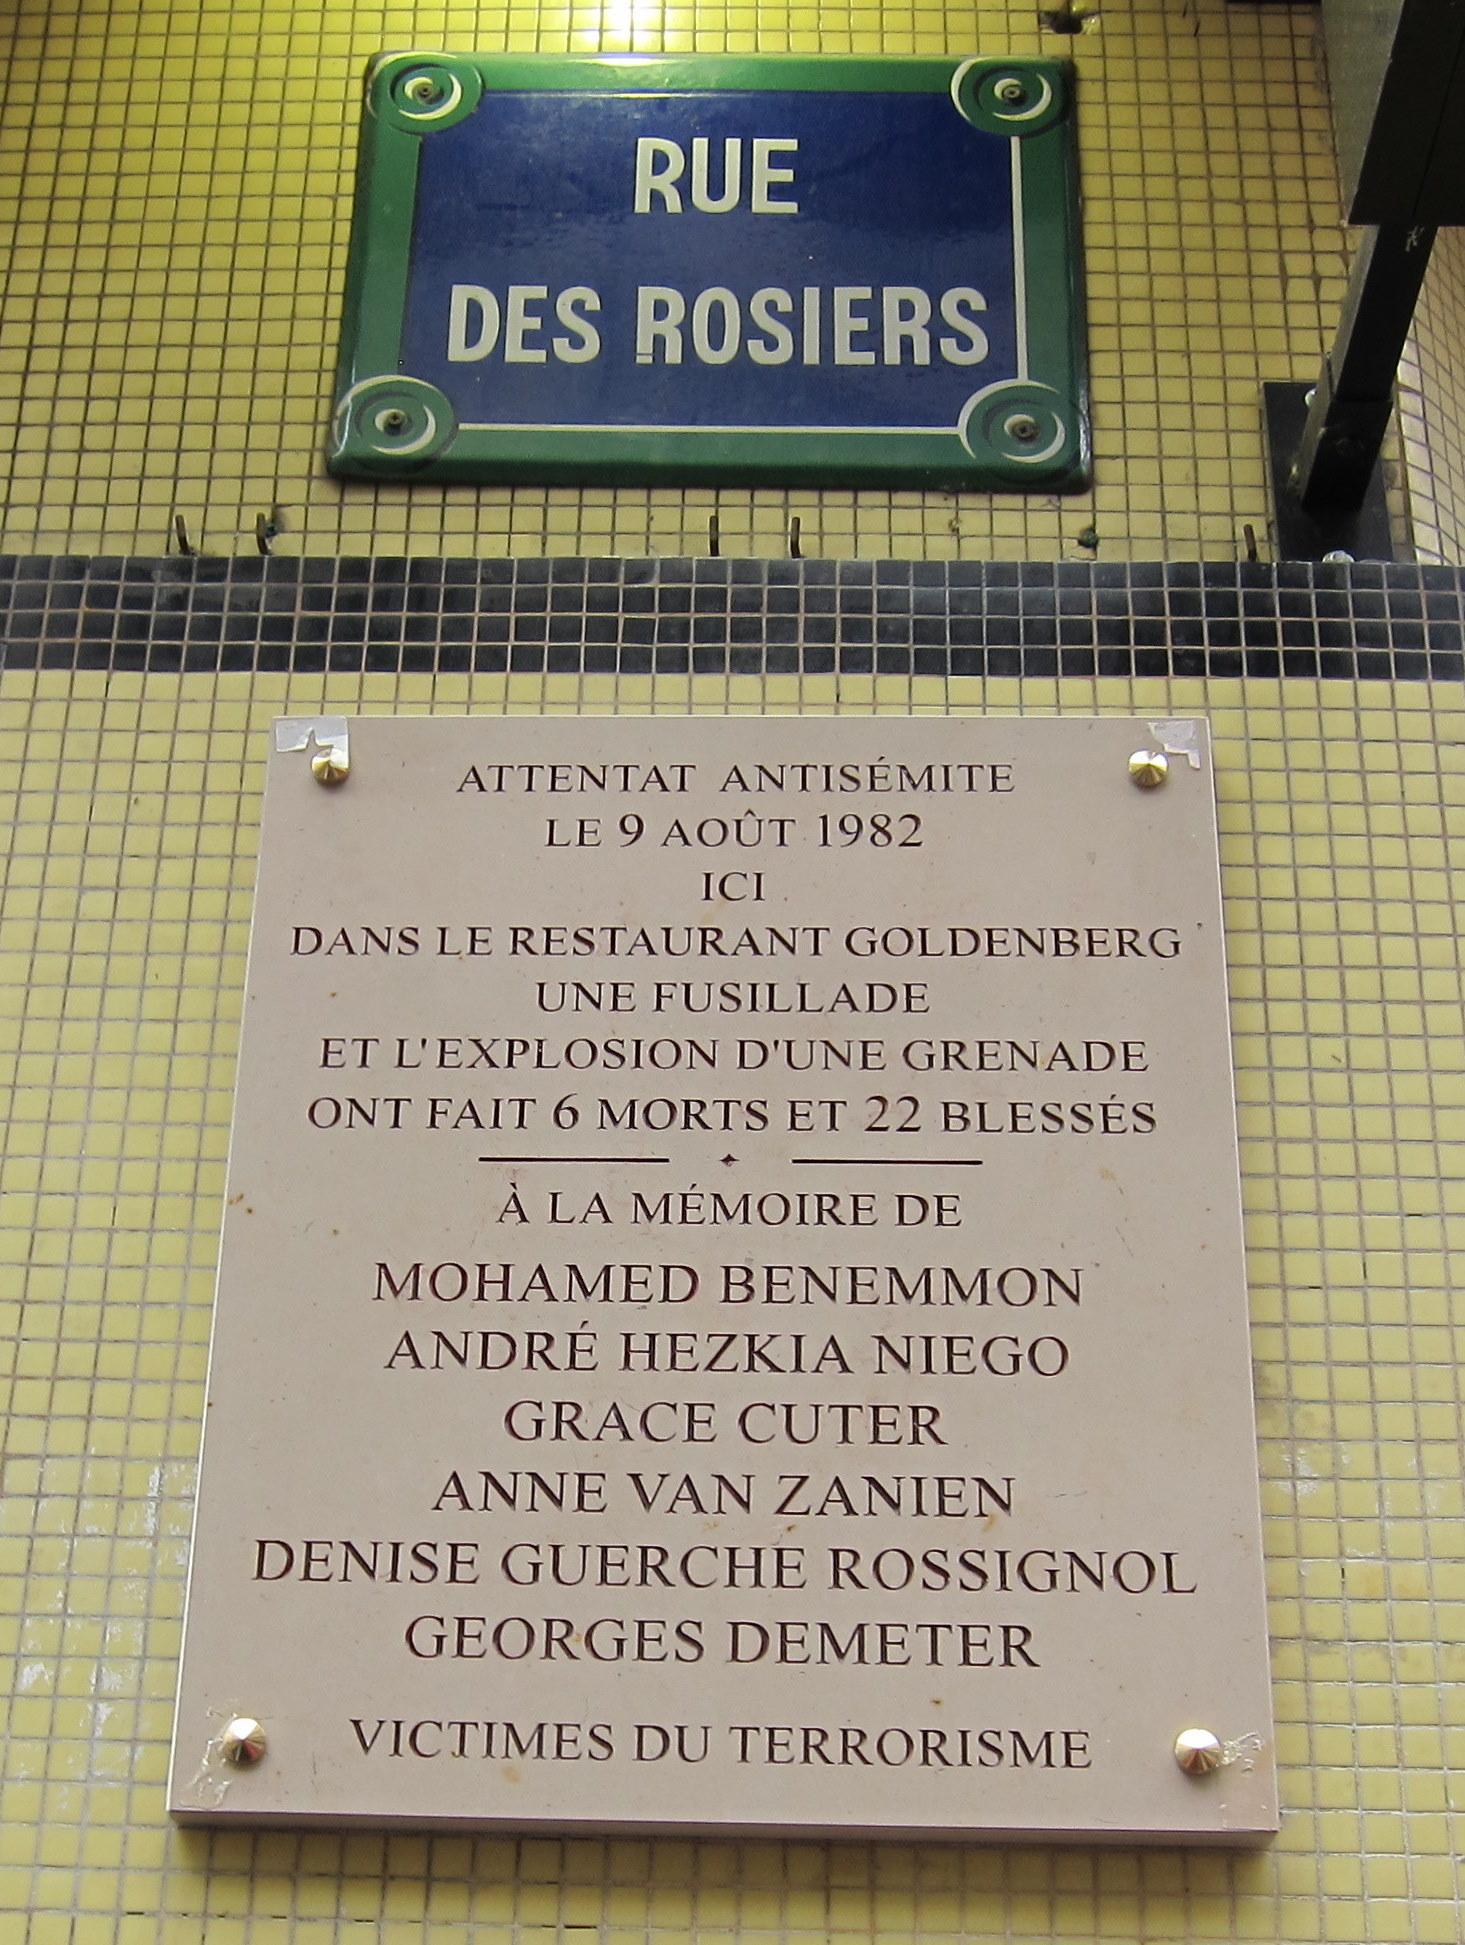 Attentat de la rue des Rosiers –  9 août 1982 – 9 août 2012  : 30 ans déjà,  l'antisémitisme, toujours.